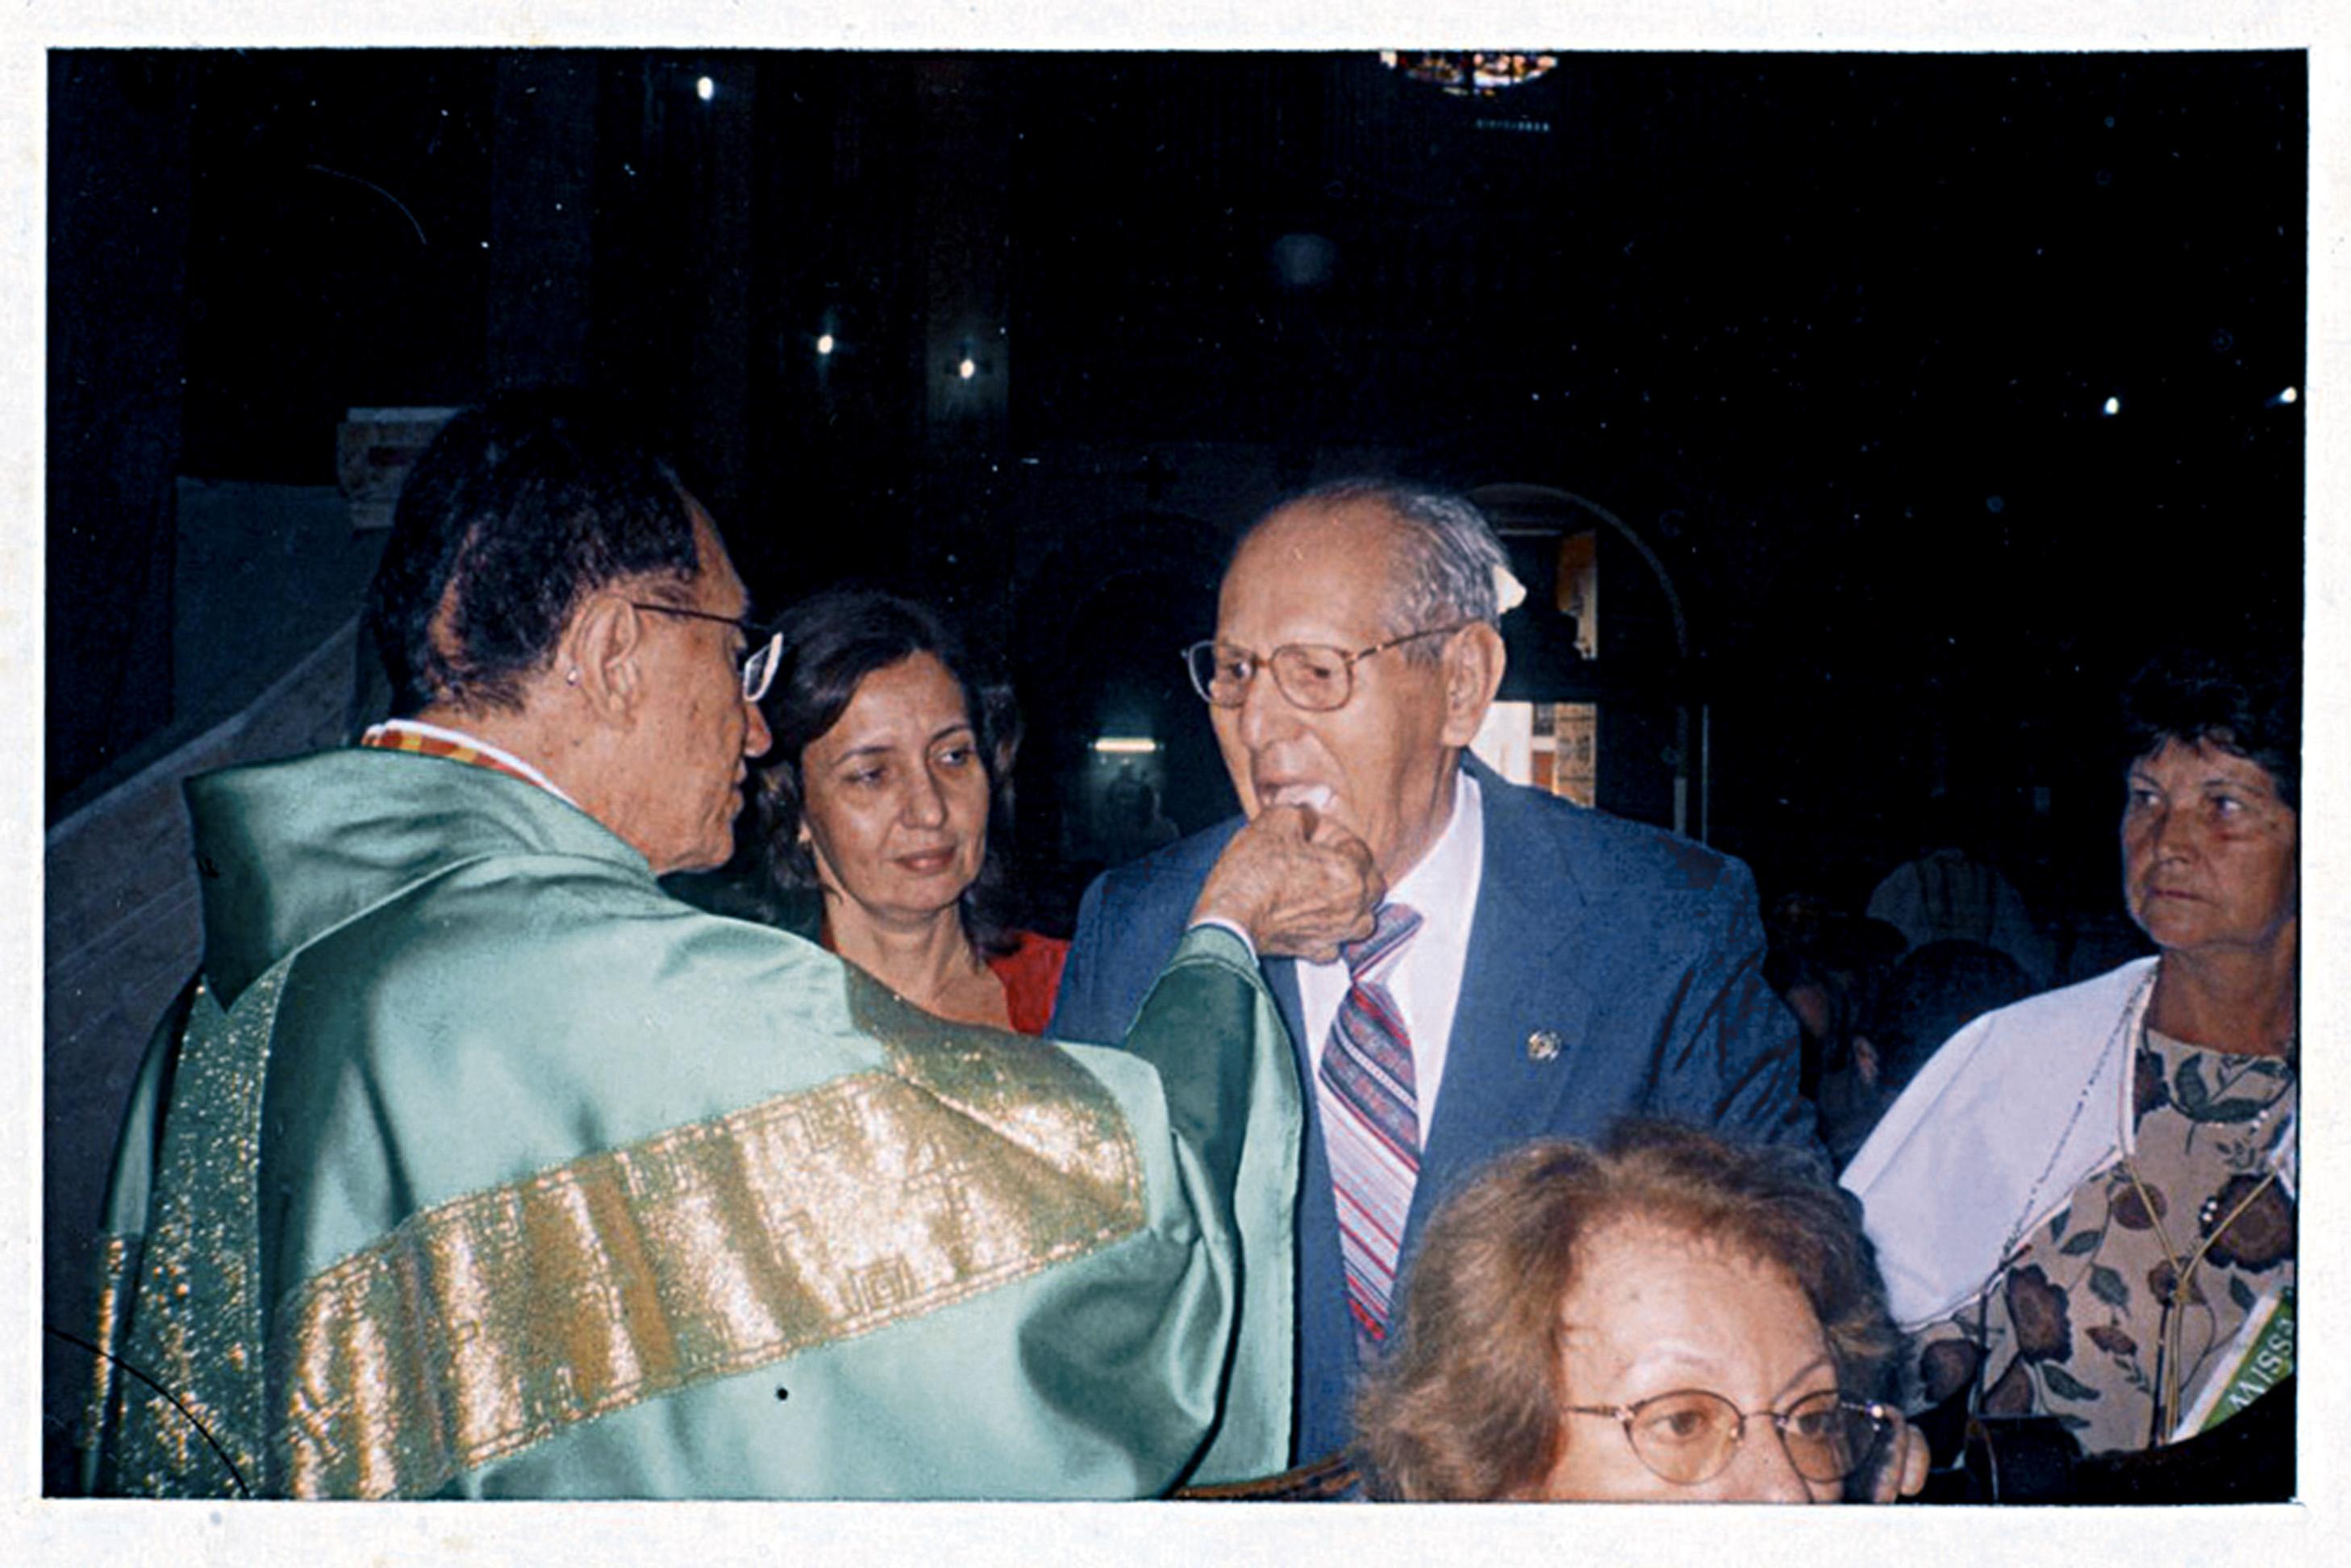 Com o pai, católico fervoroso, recebendo hóstia